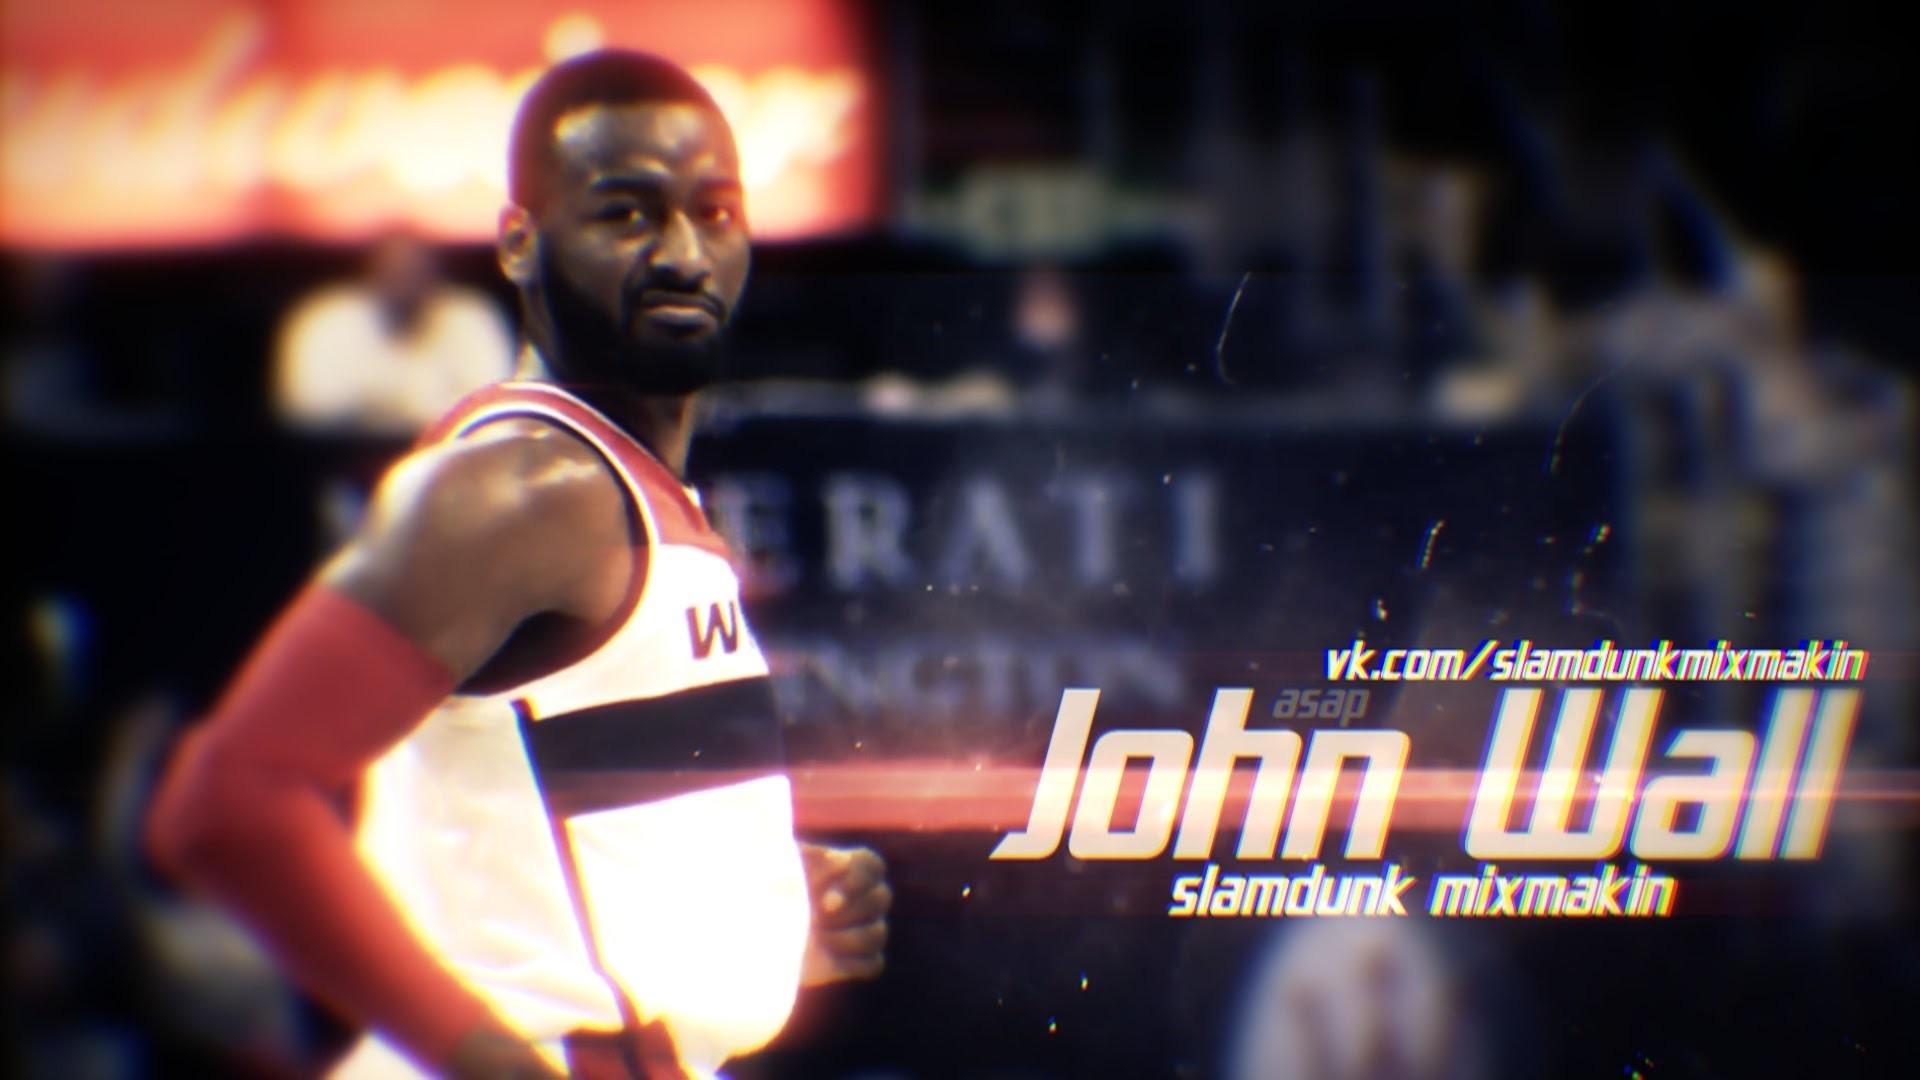 John Wall á´´á´° [A$AP]